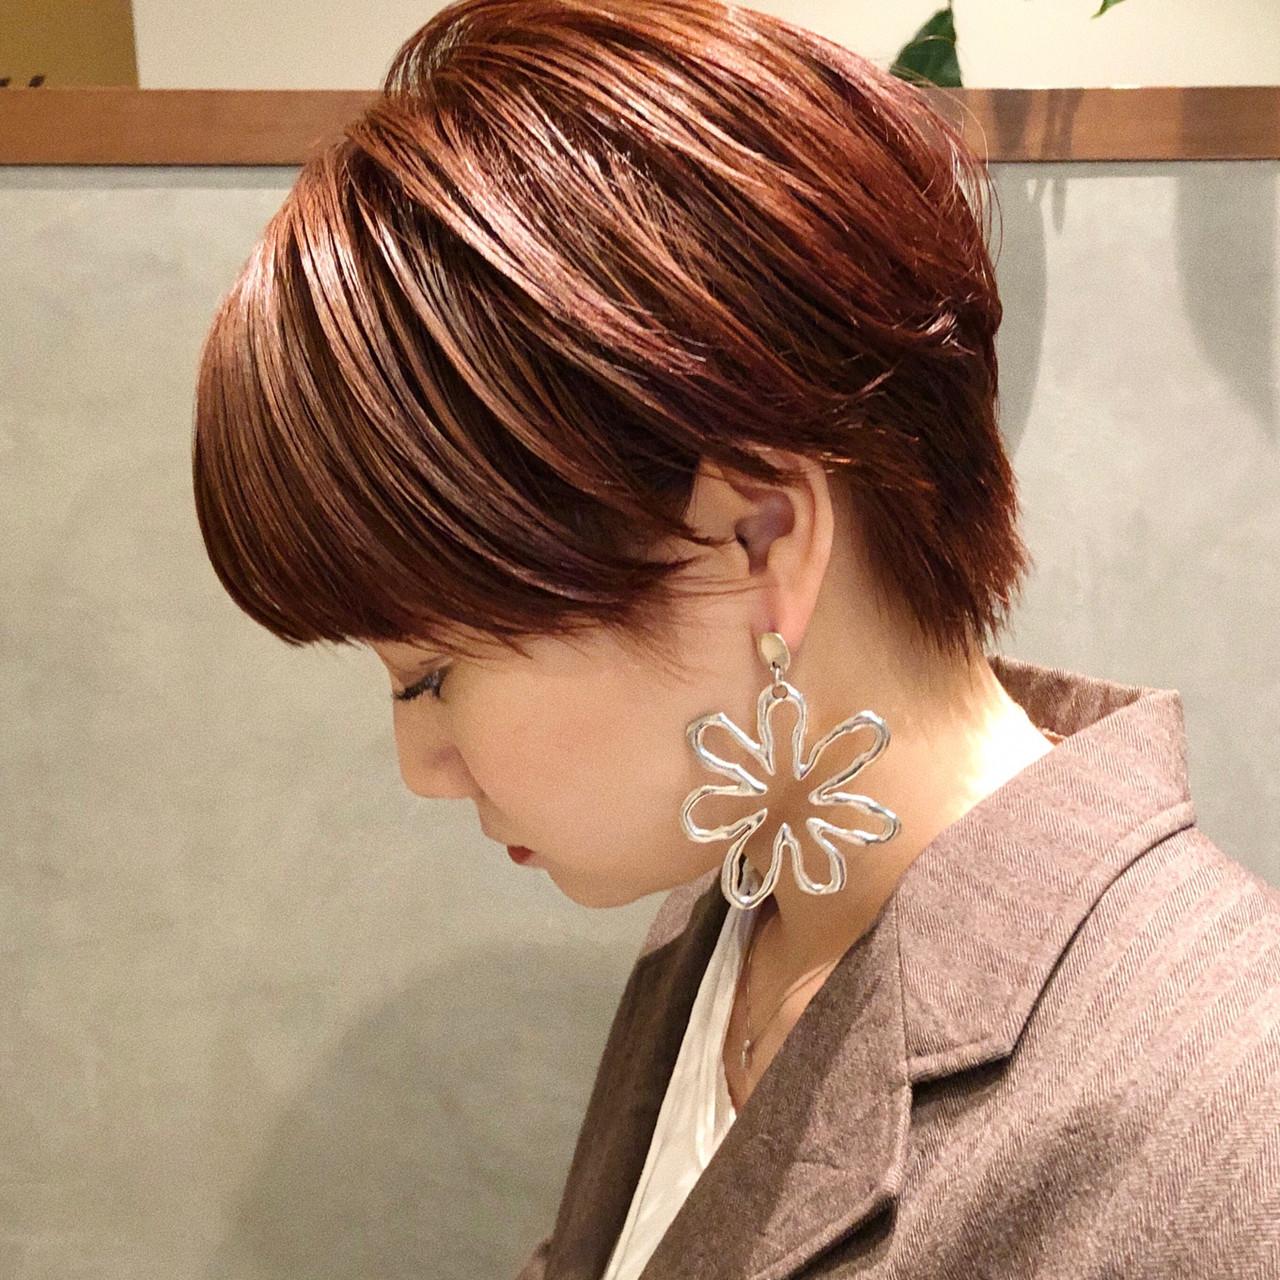 アプリコットオレンジ ベリーショート ショート ガーリー ヘアスタイルや髪型の写真・画像